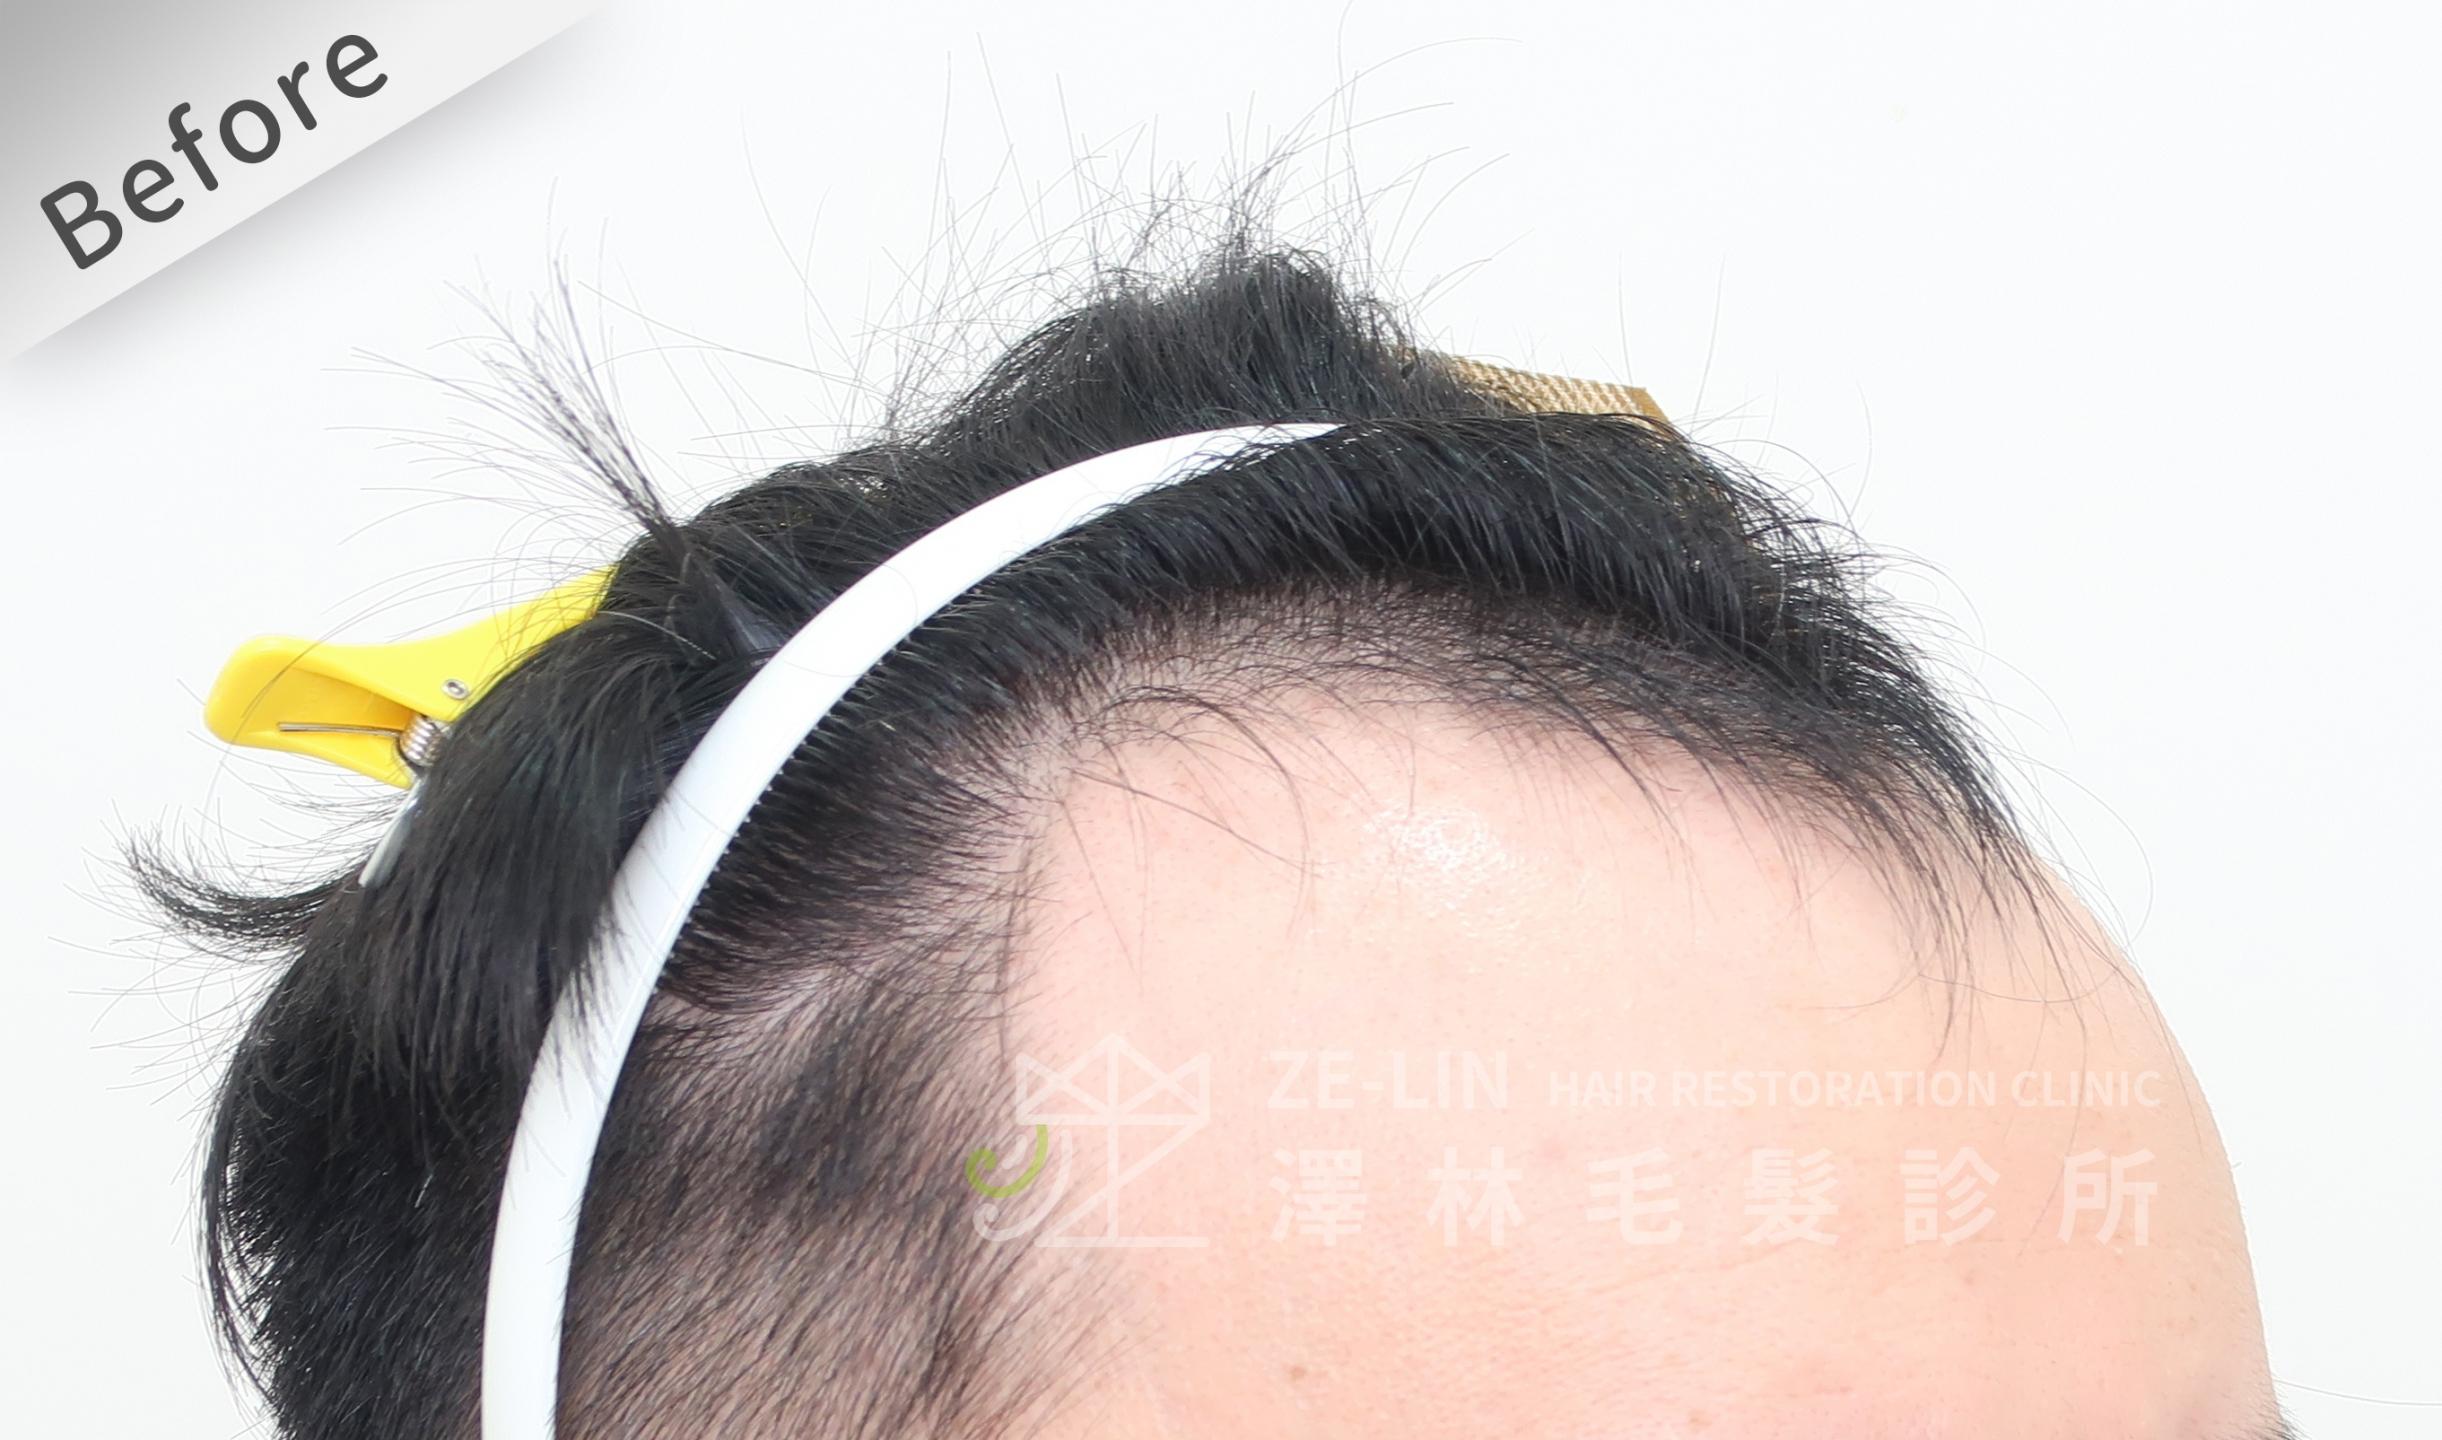 M型禿植髮推薦案例心得分享術前12-2